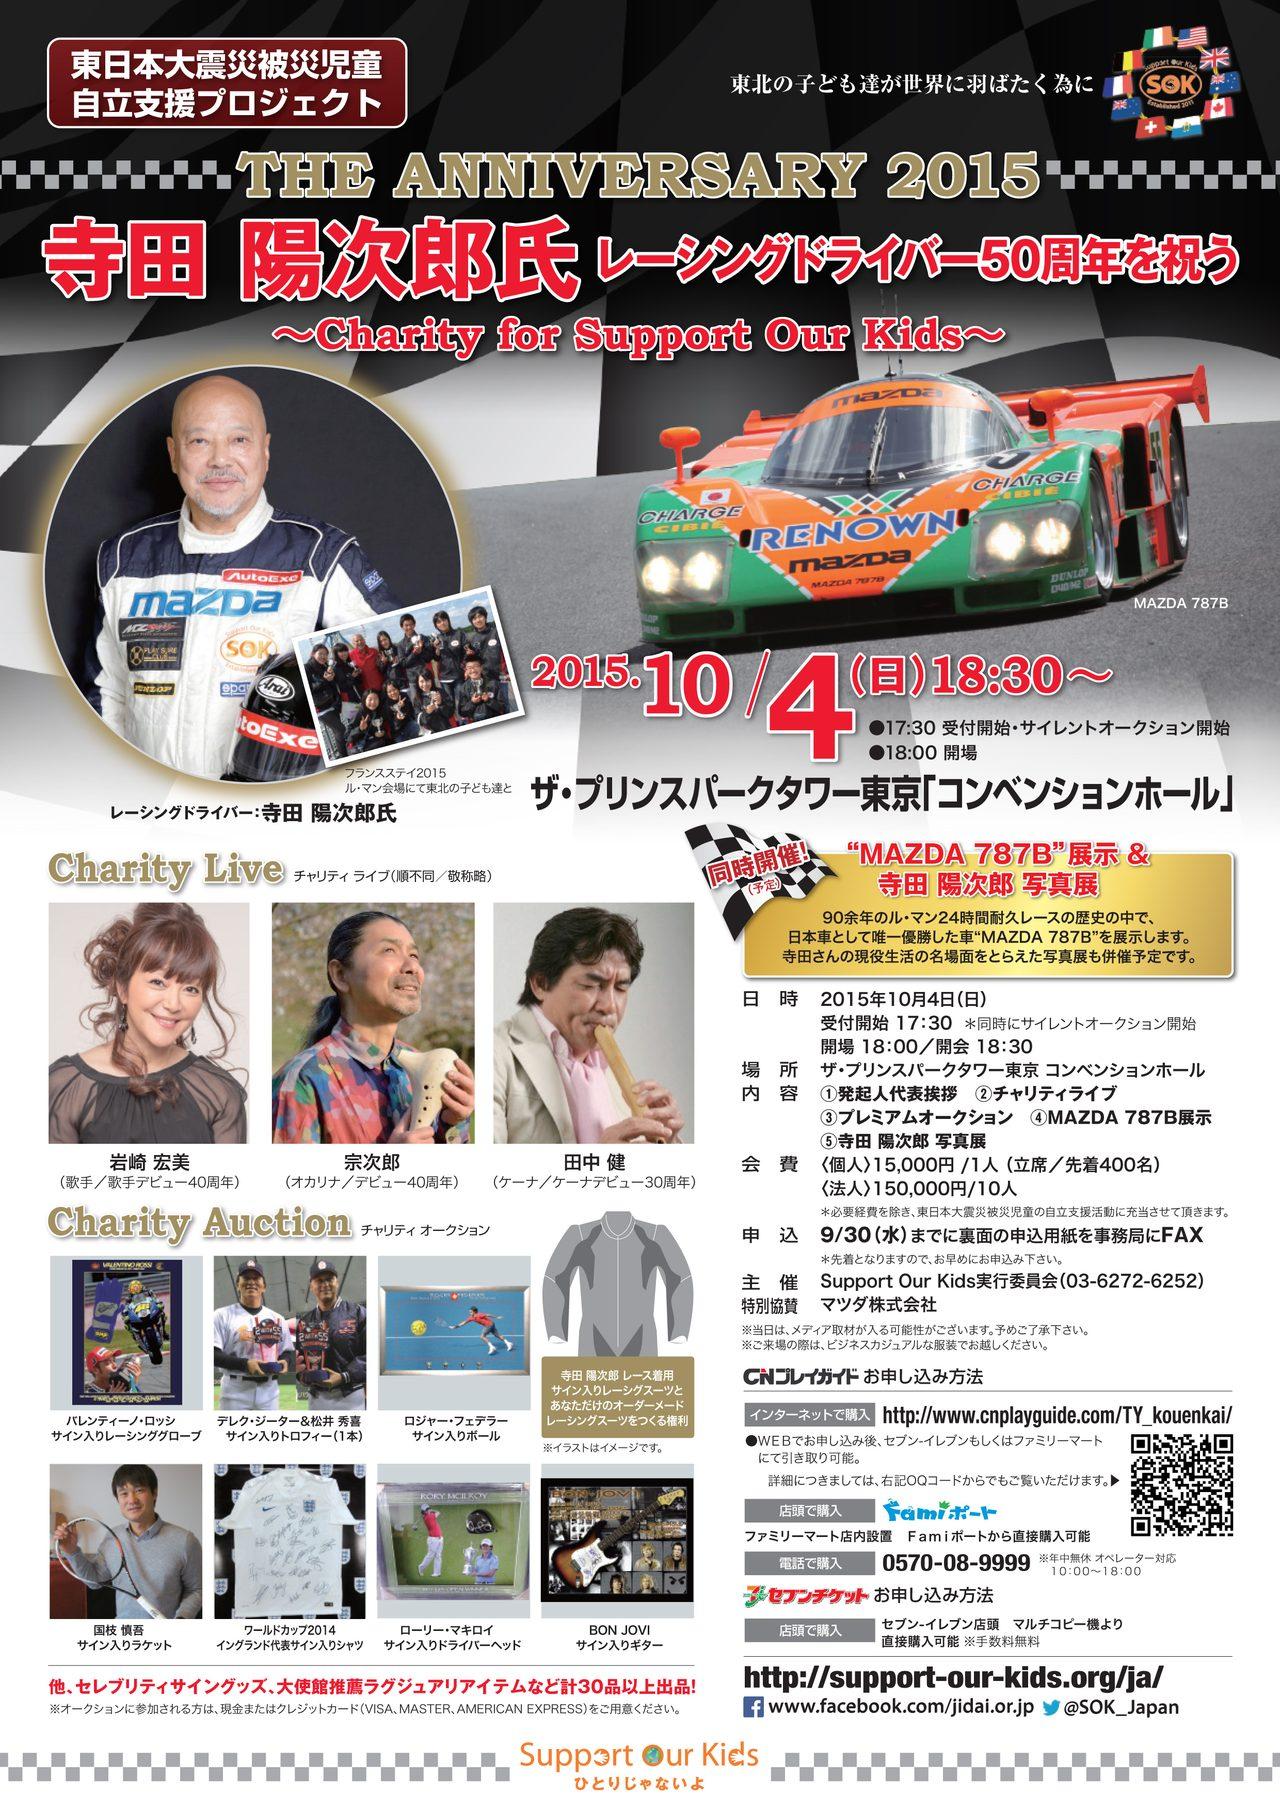 画像1: 寺田陽次郎氏 レーシングドライバー50周年を祝う ~Charity for Suppor Our Kids~